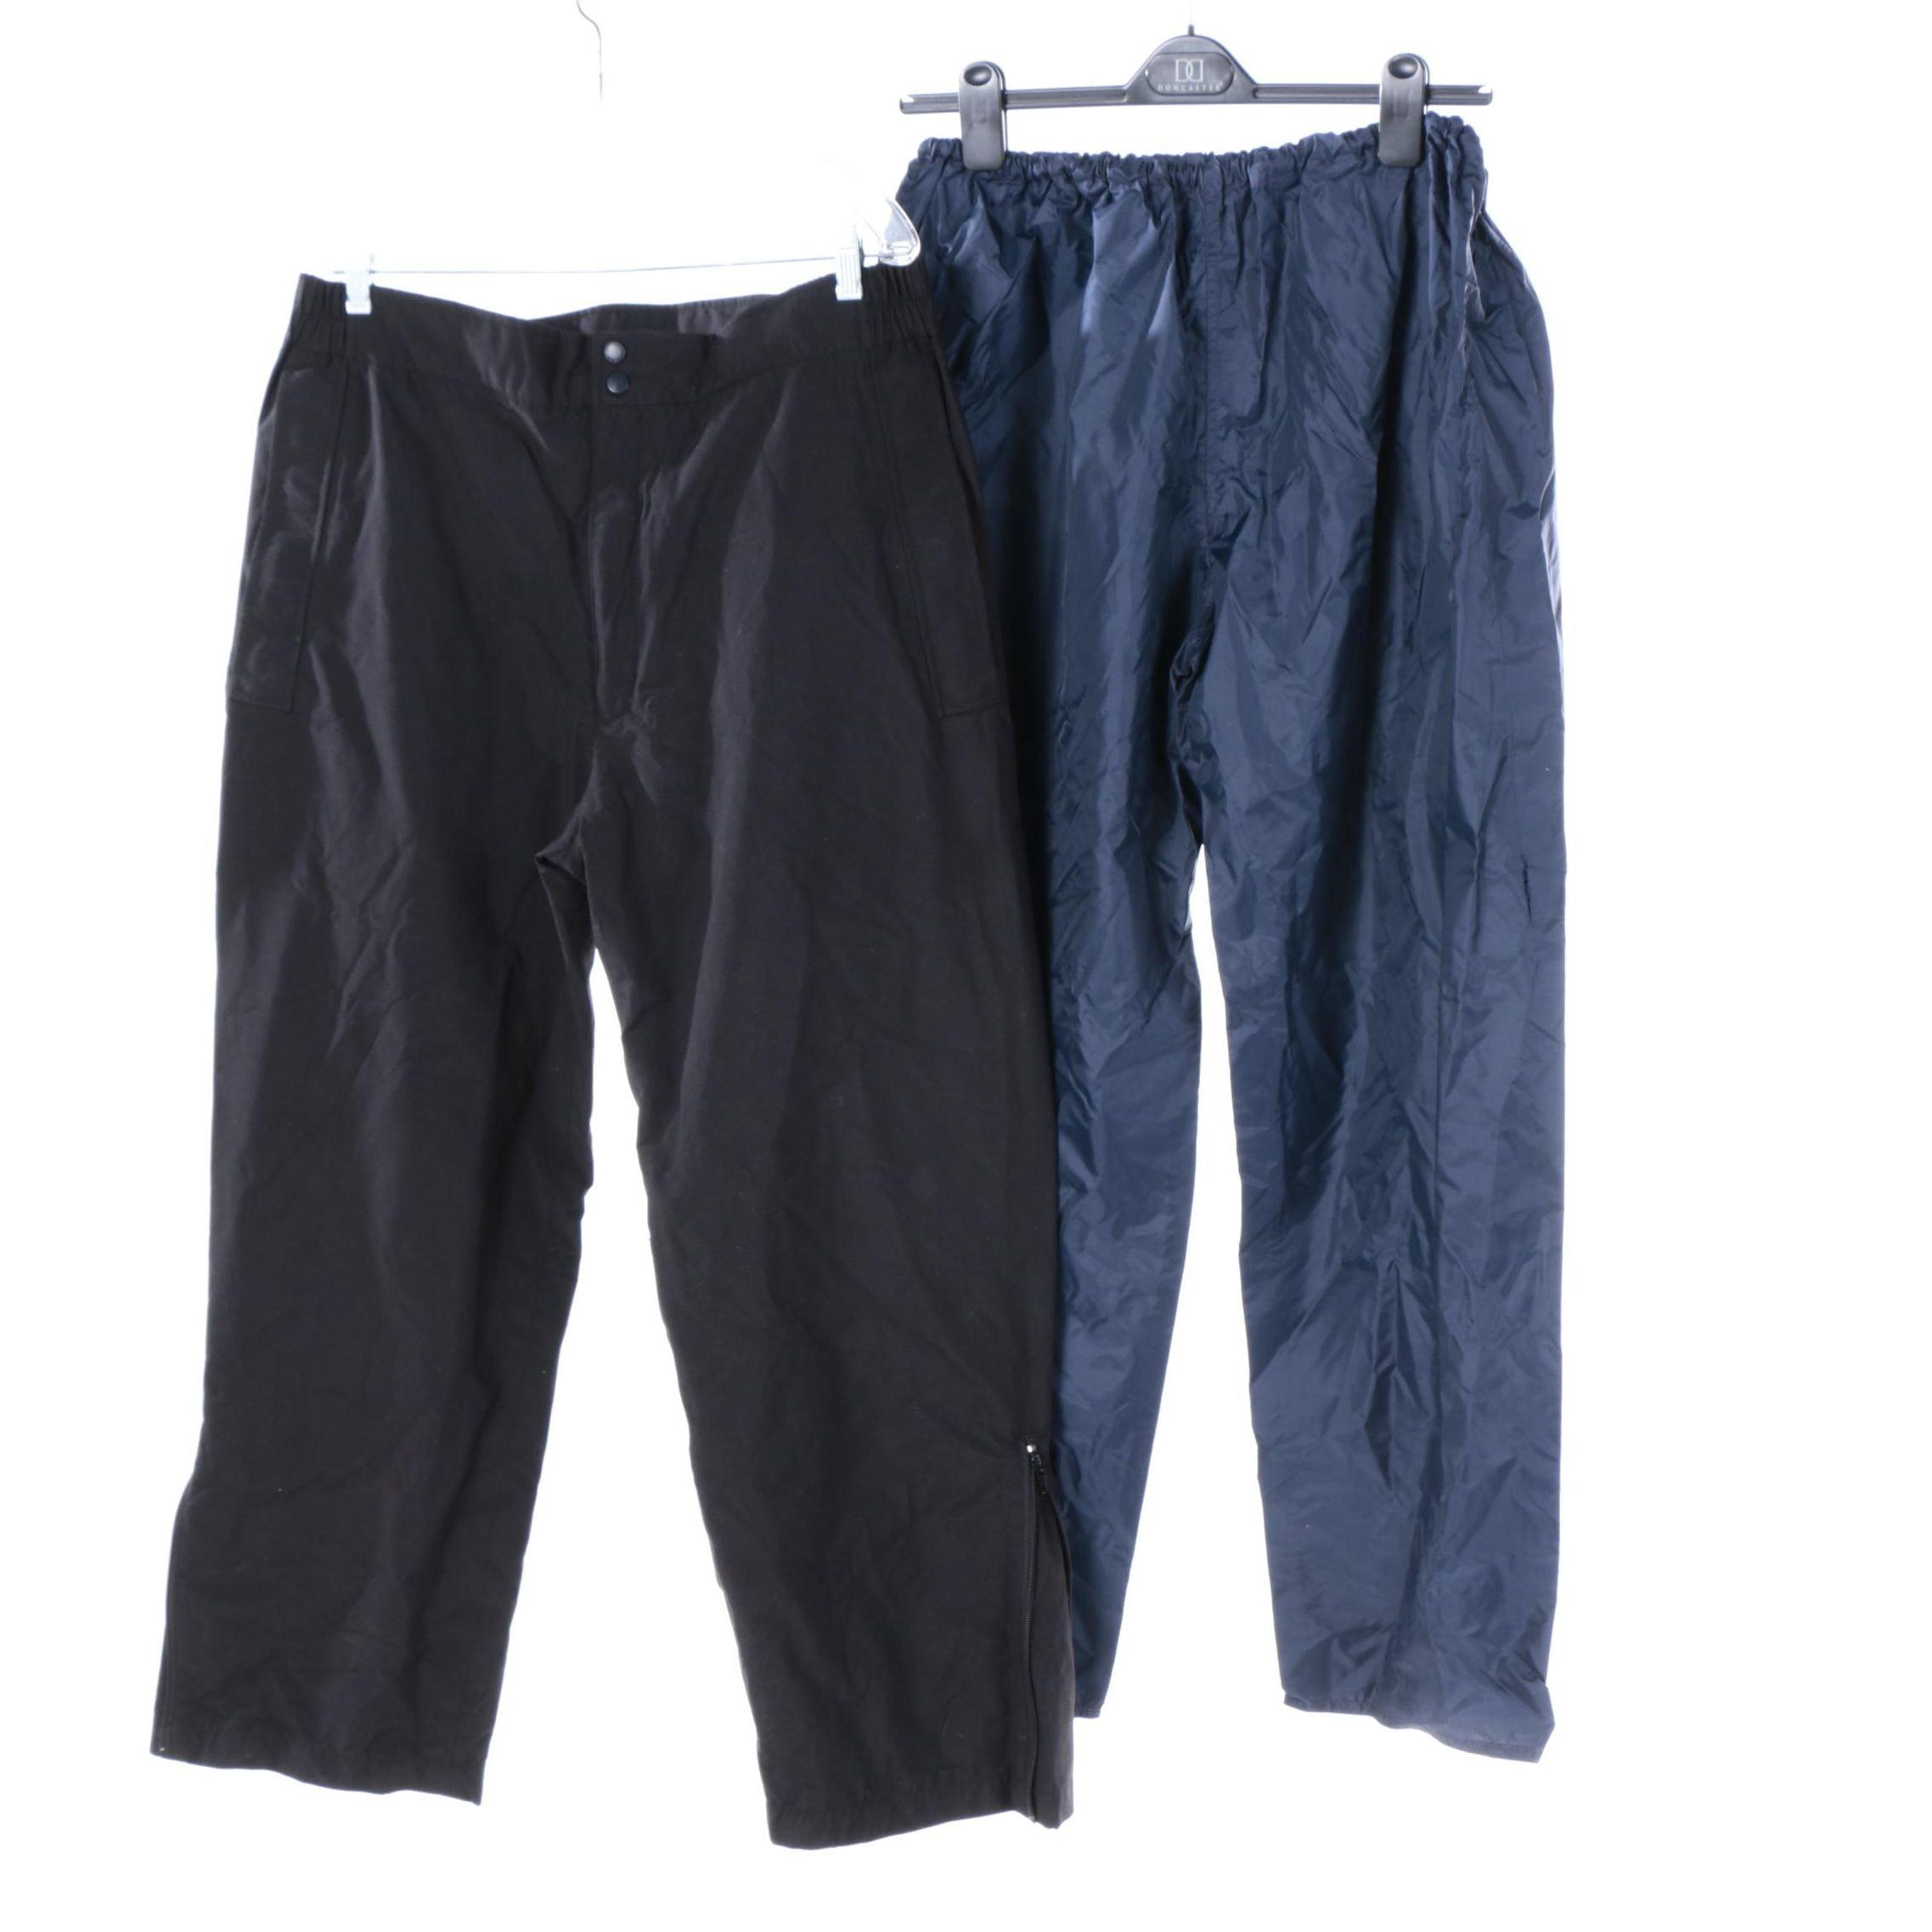 Men's Outdoors Pants Including Waterproof